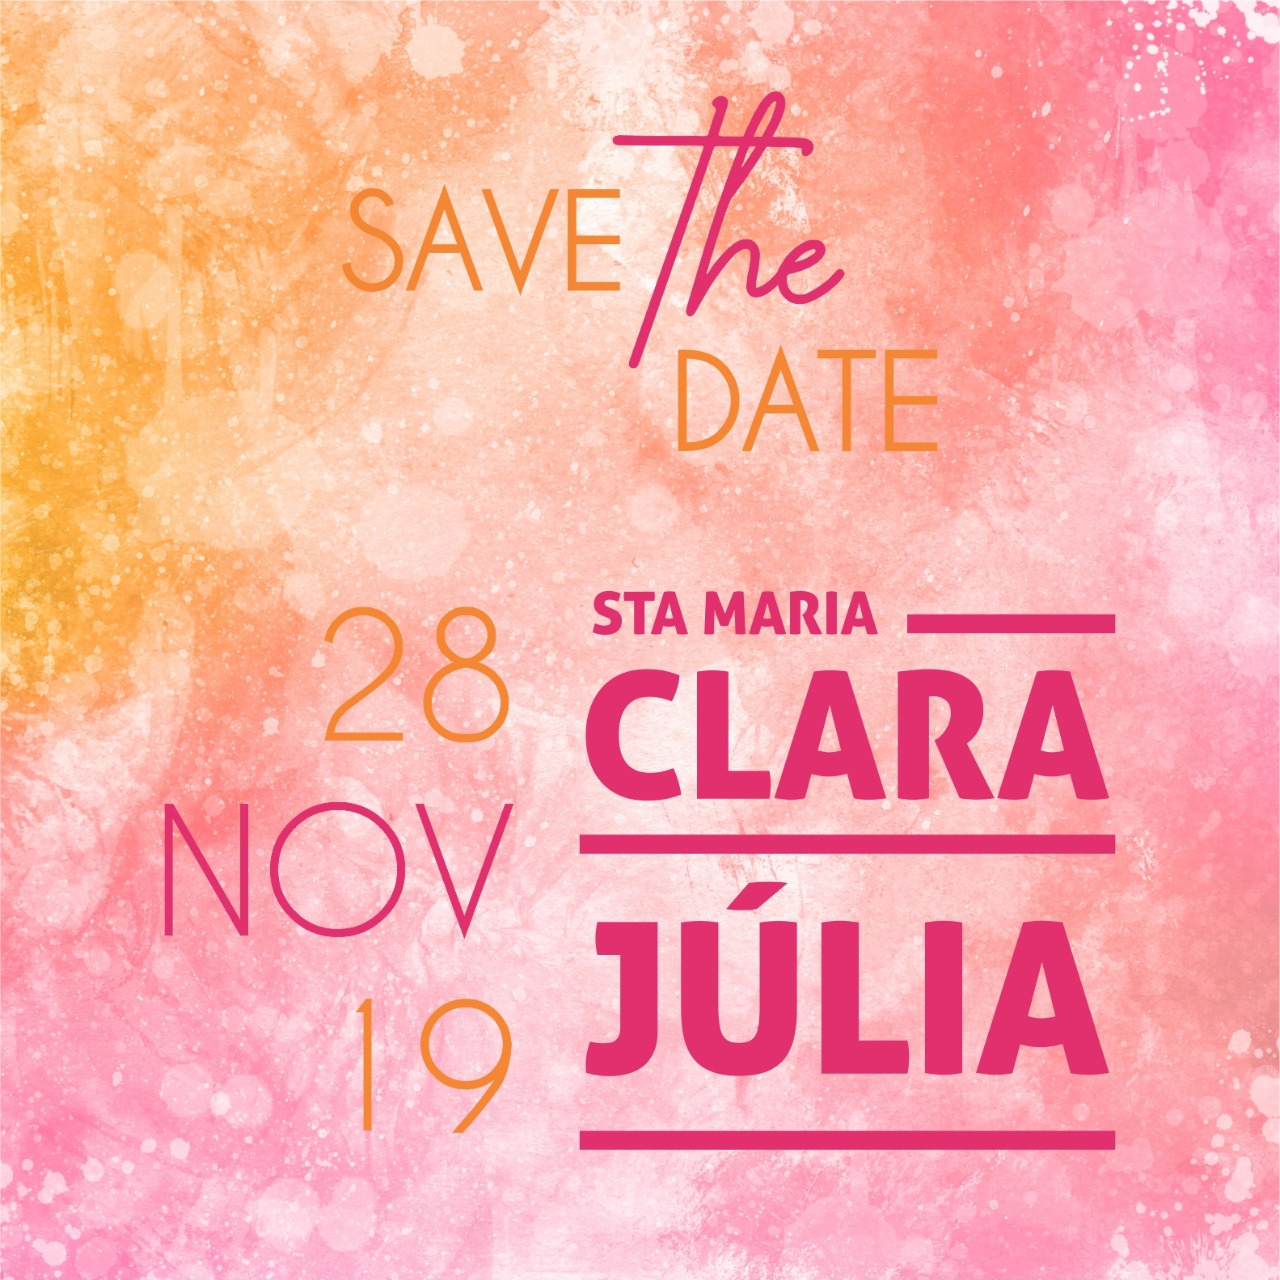 Save the date Clara e Júlia -